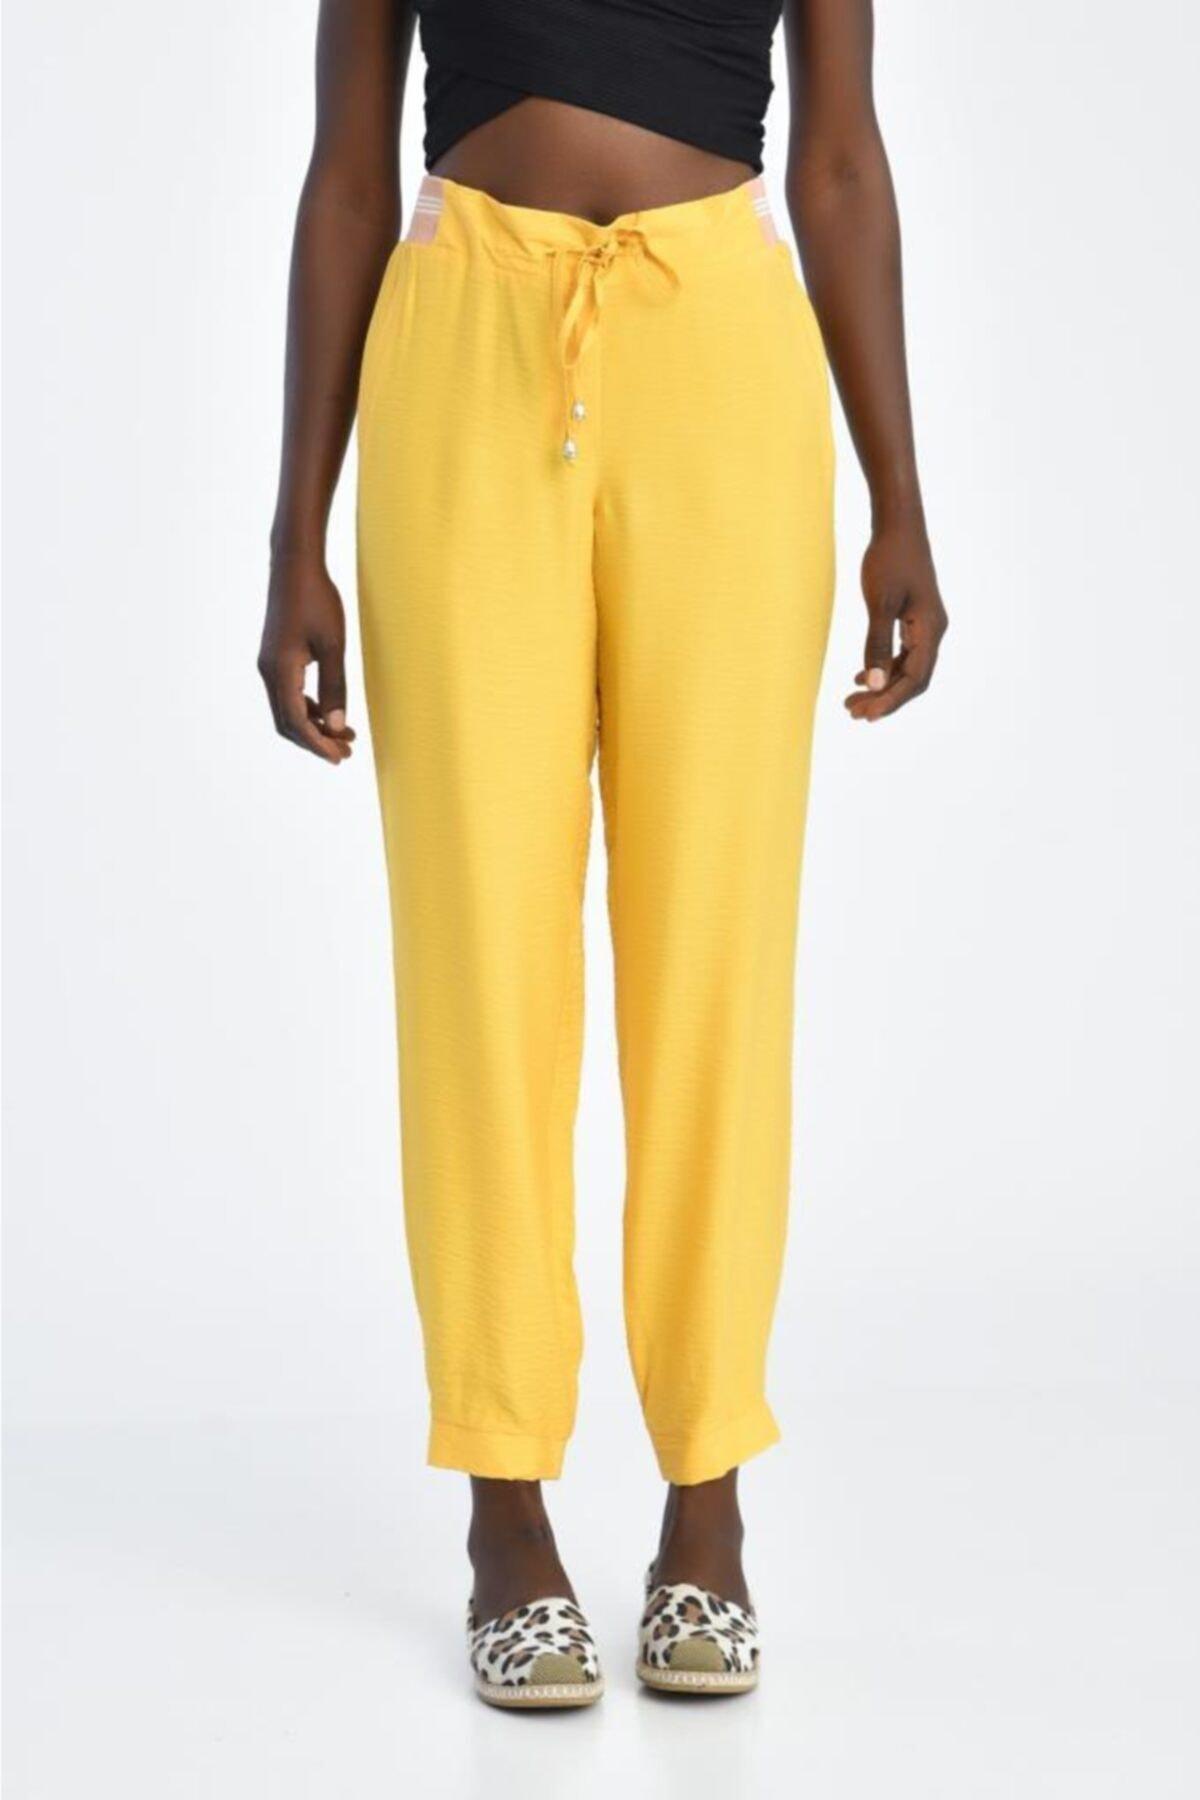 Modkofoni Bağcıklı Belden Ve Bilekten Lastikli Sarı Pantolon 2